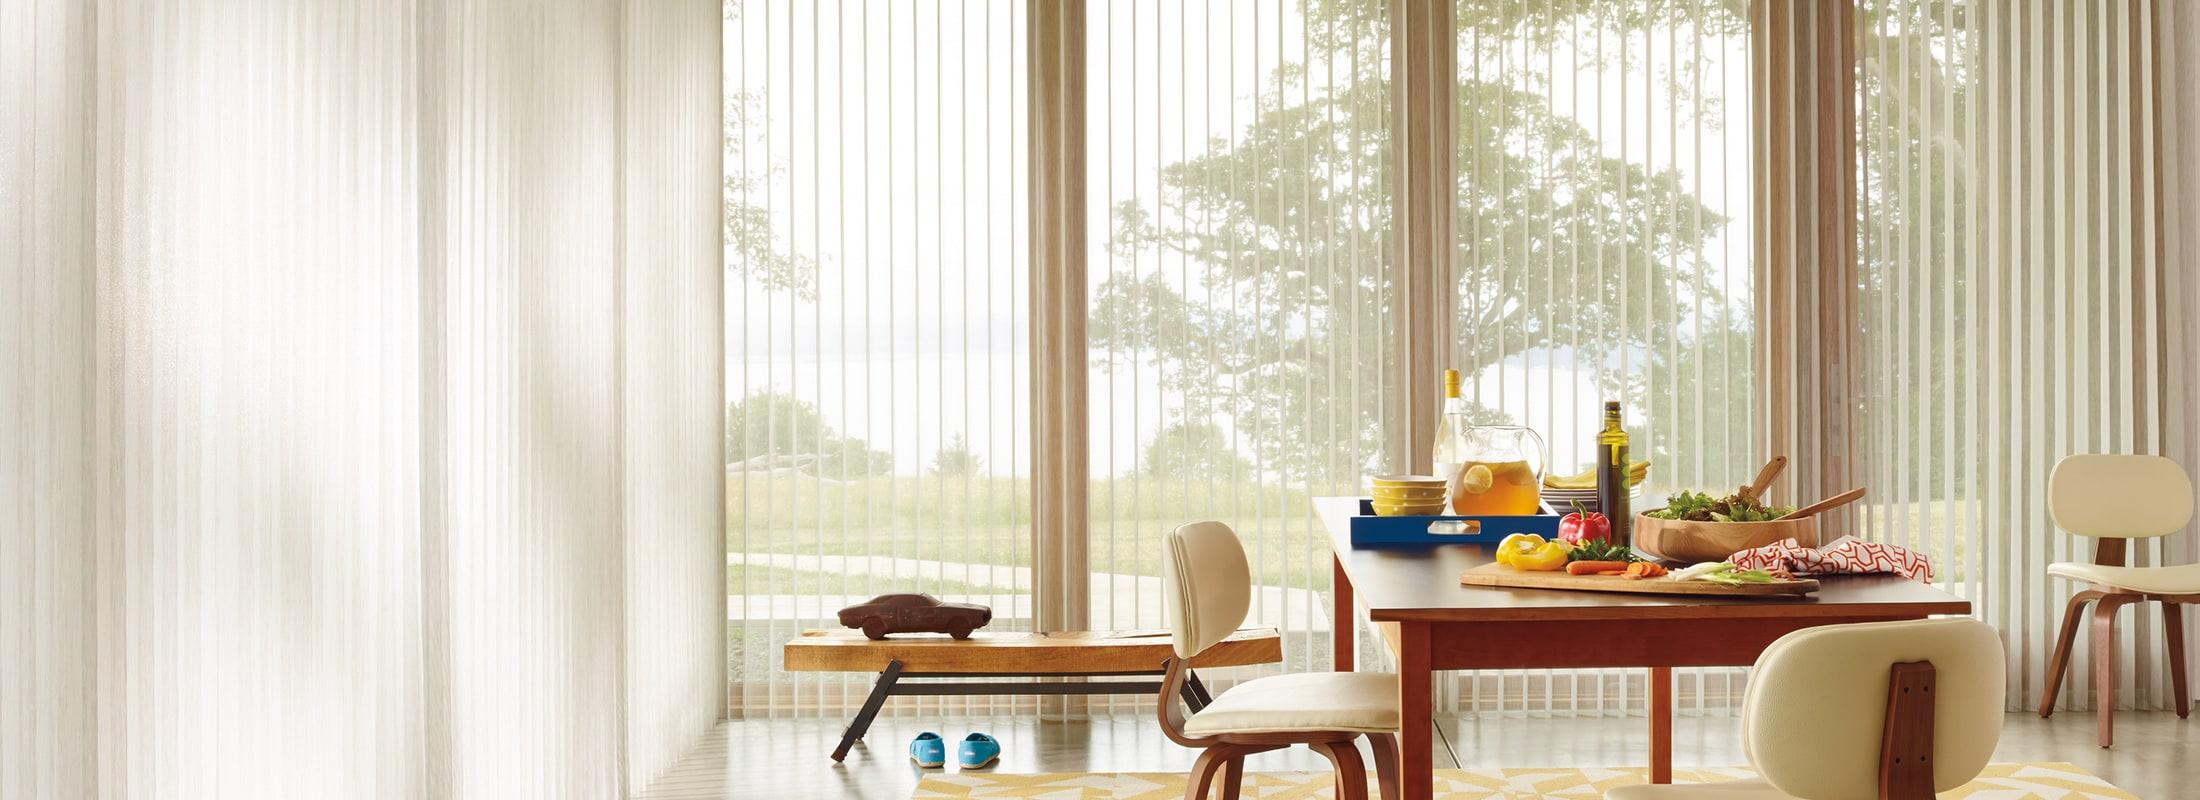 privacy-blinds-luminette-carousel-03_0.jpg